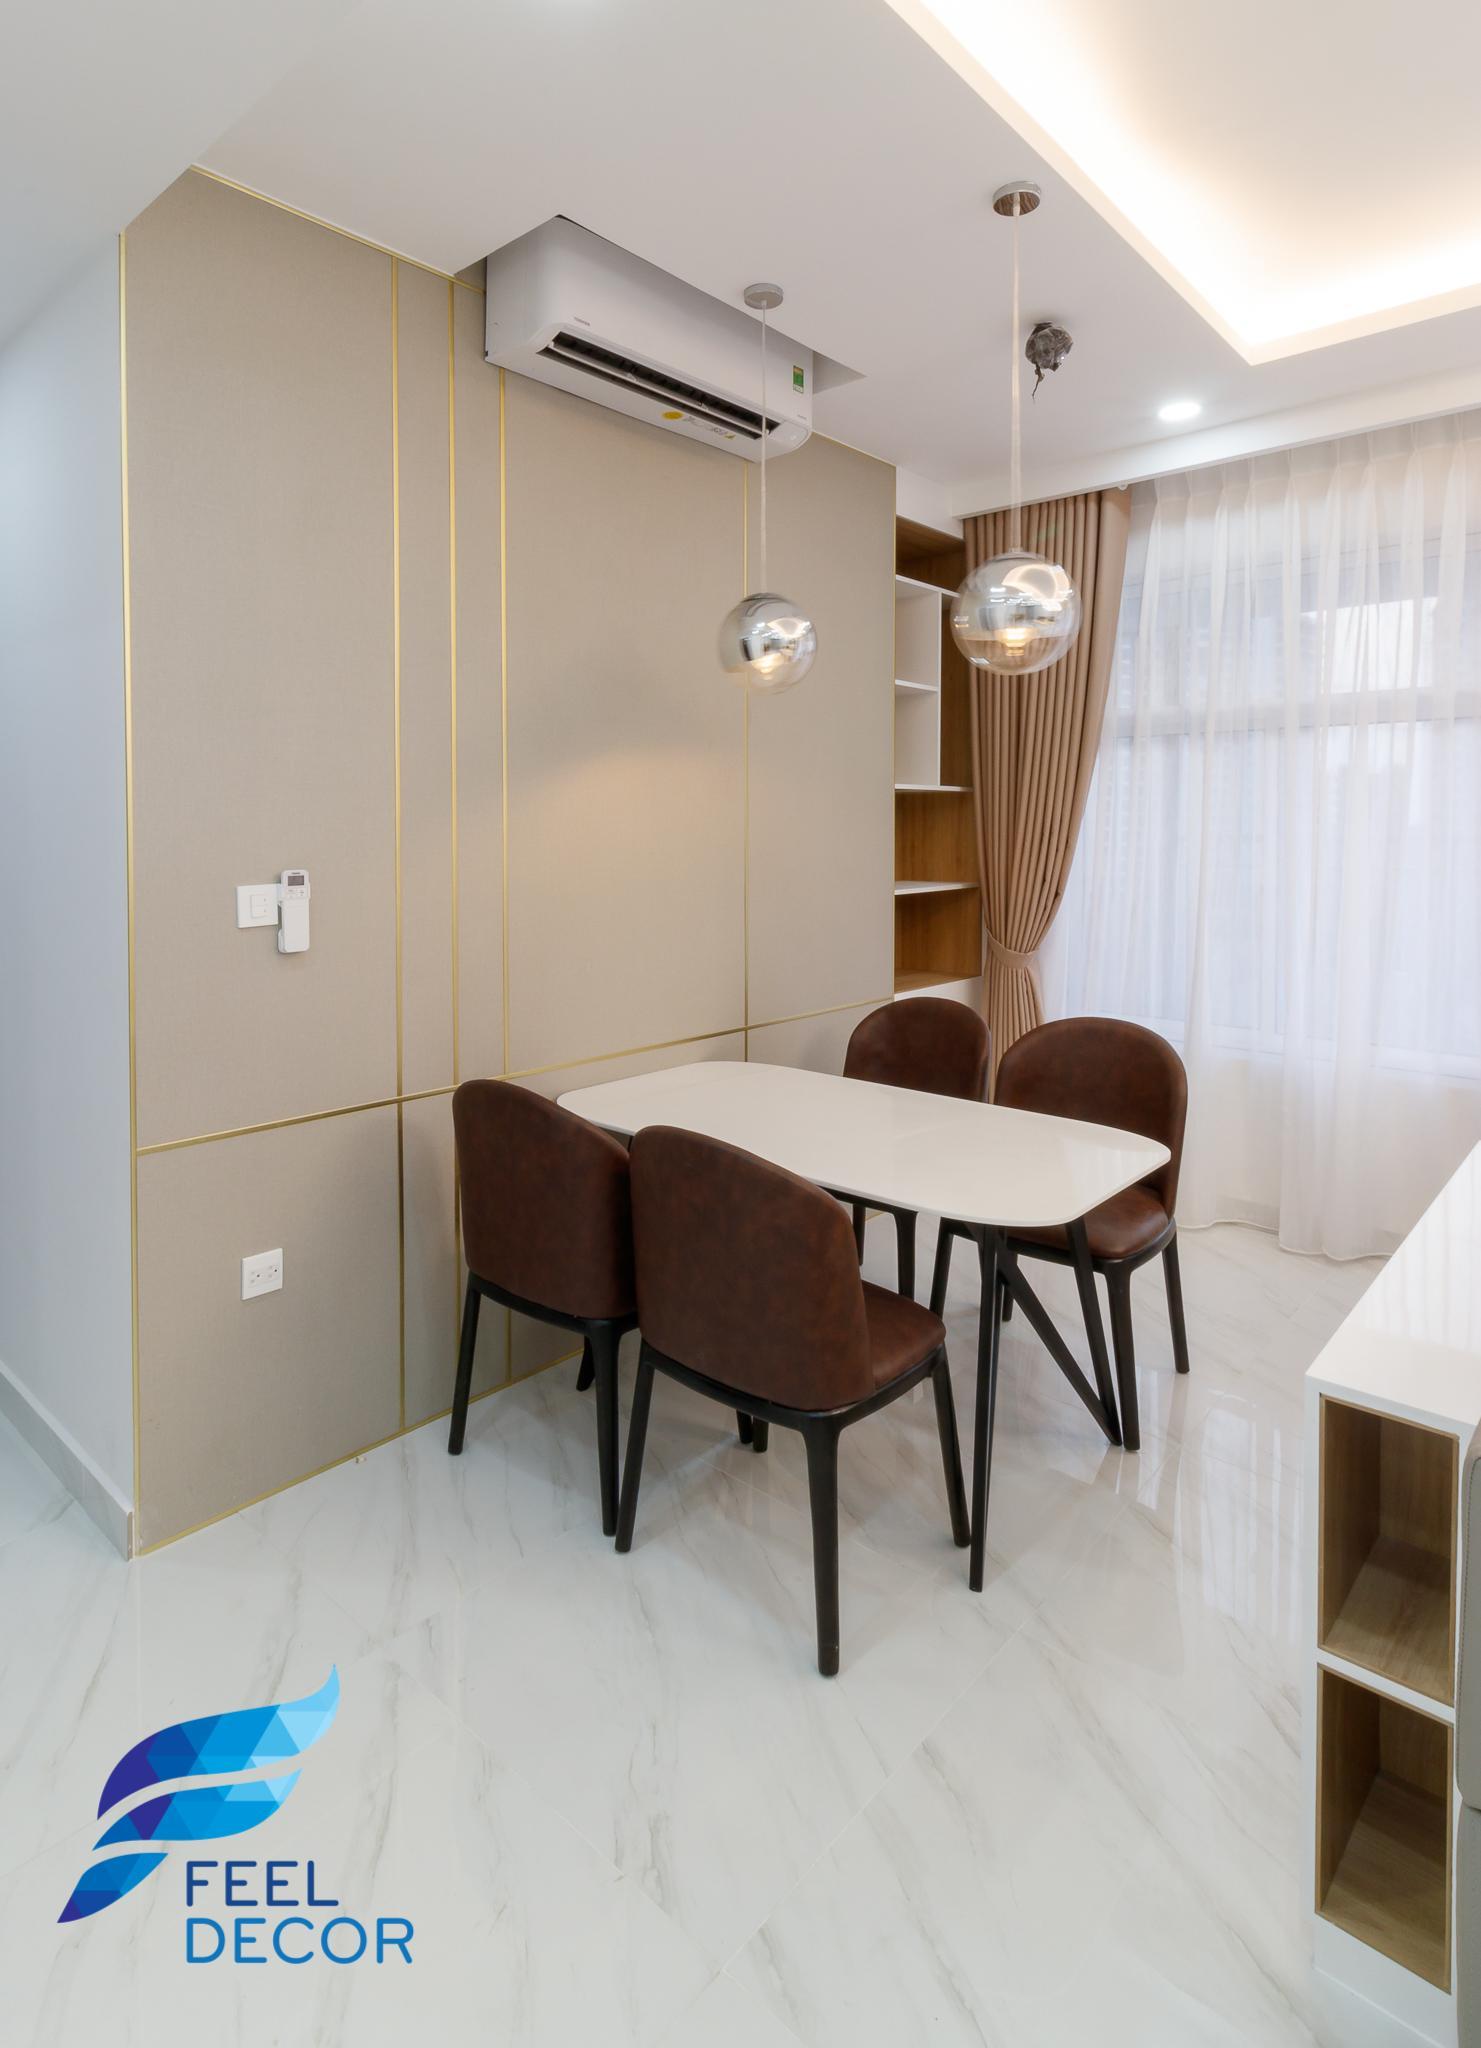 nội thất căn hộ The Sunrise Riverside hình ảnh thực tế 2 phòng ngủ hiện đại